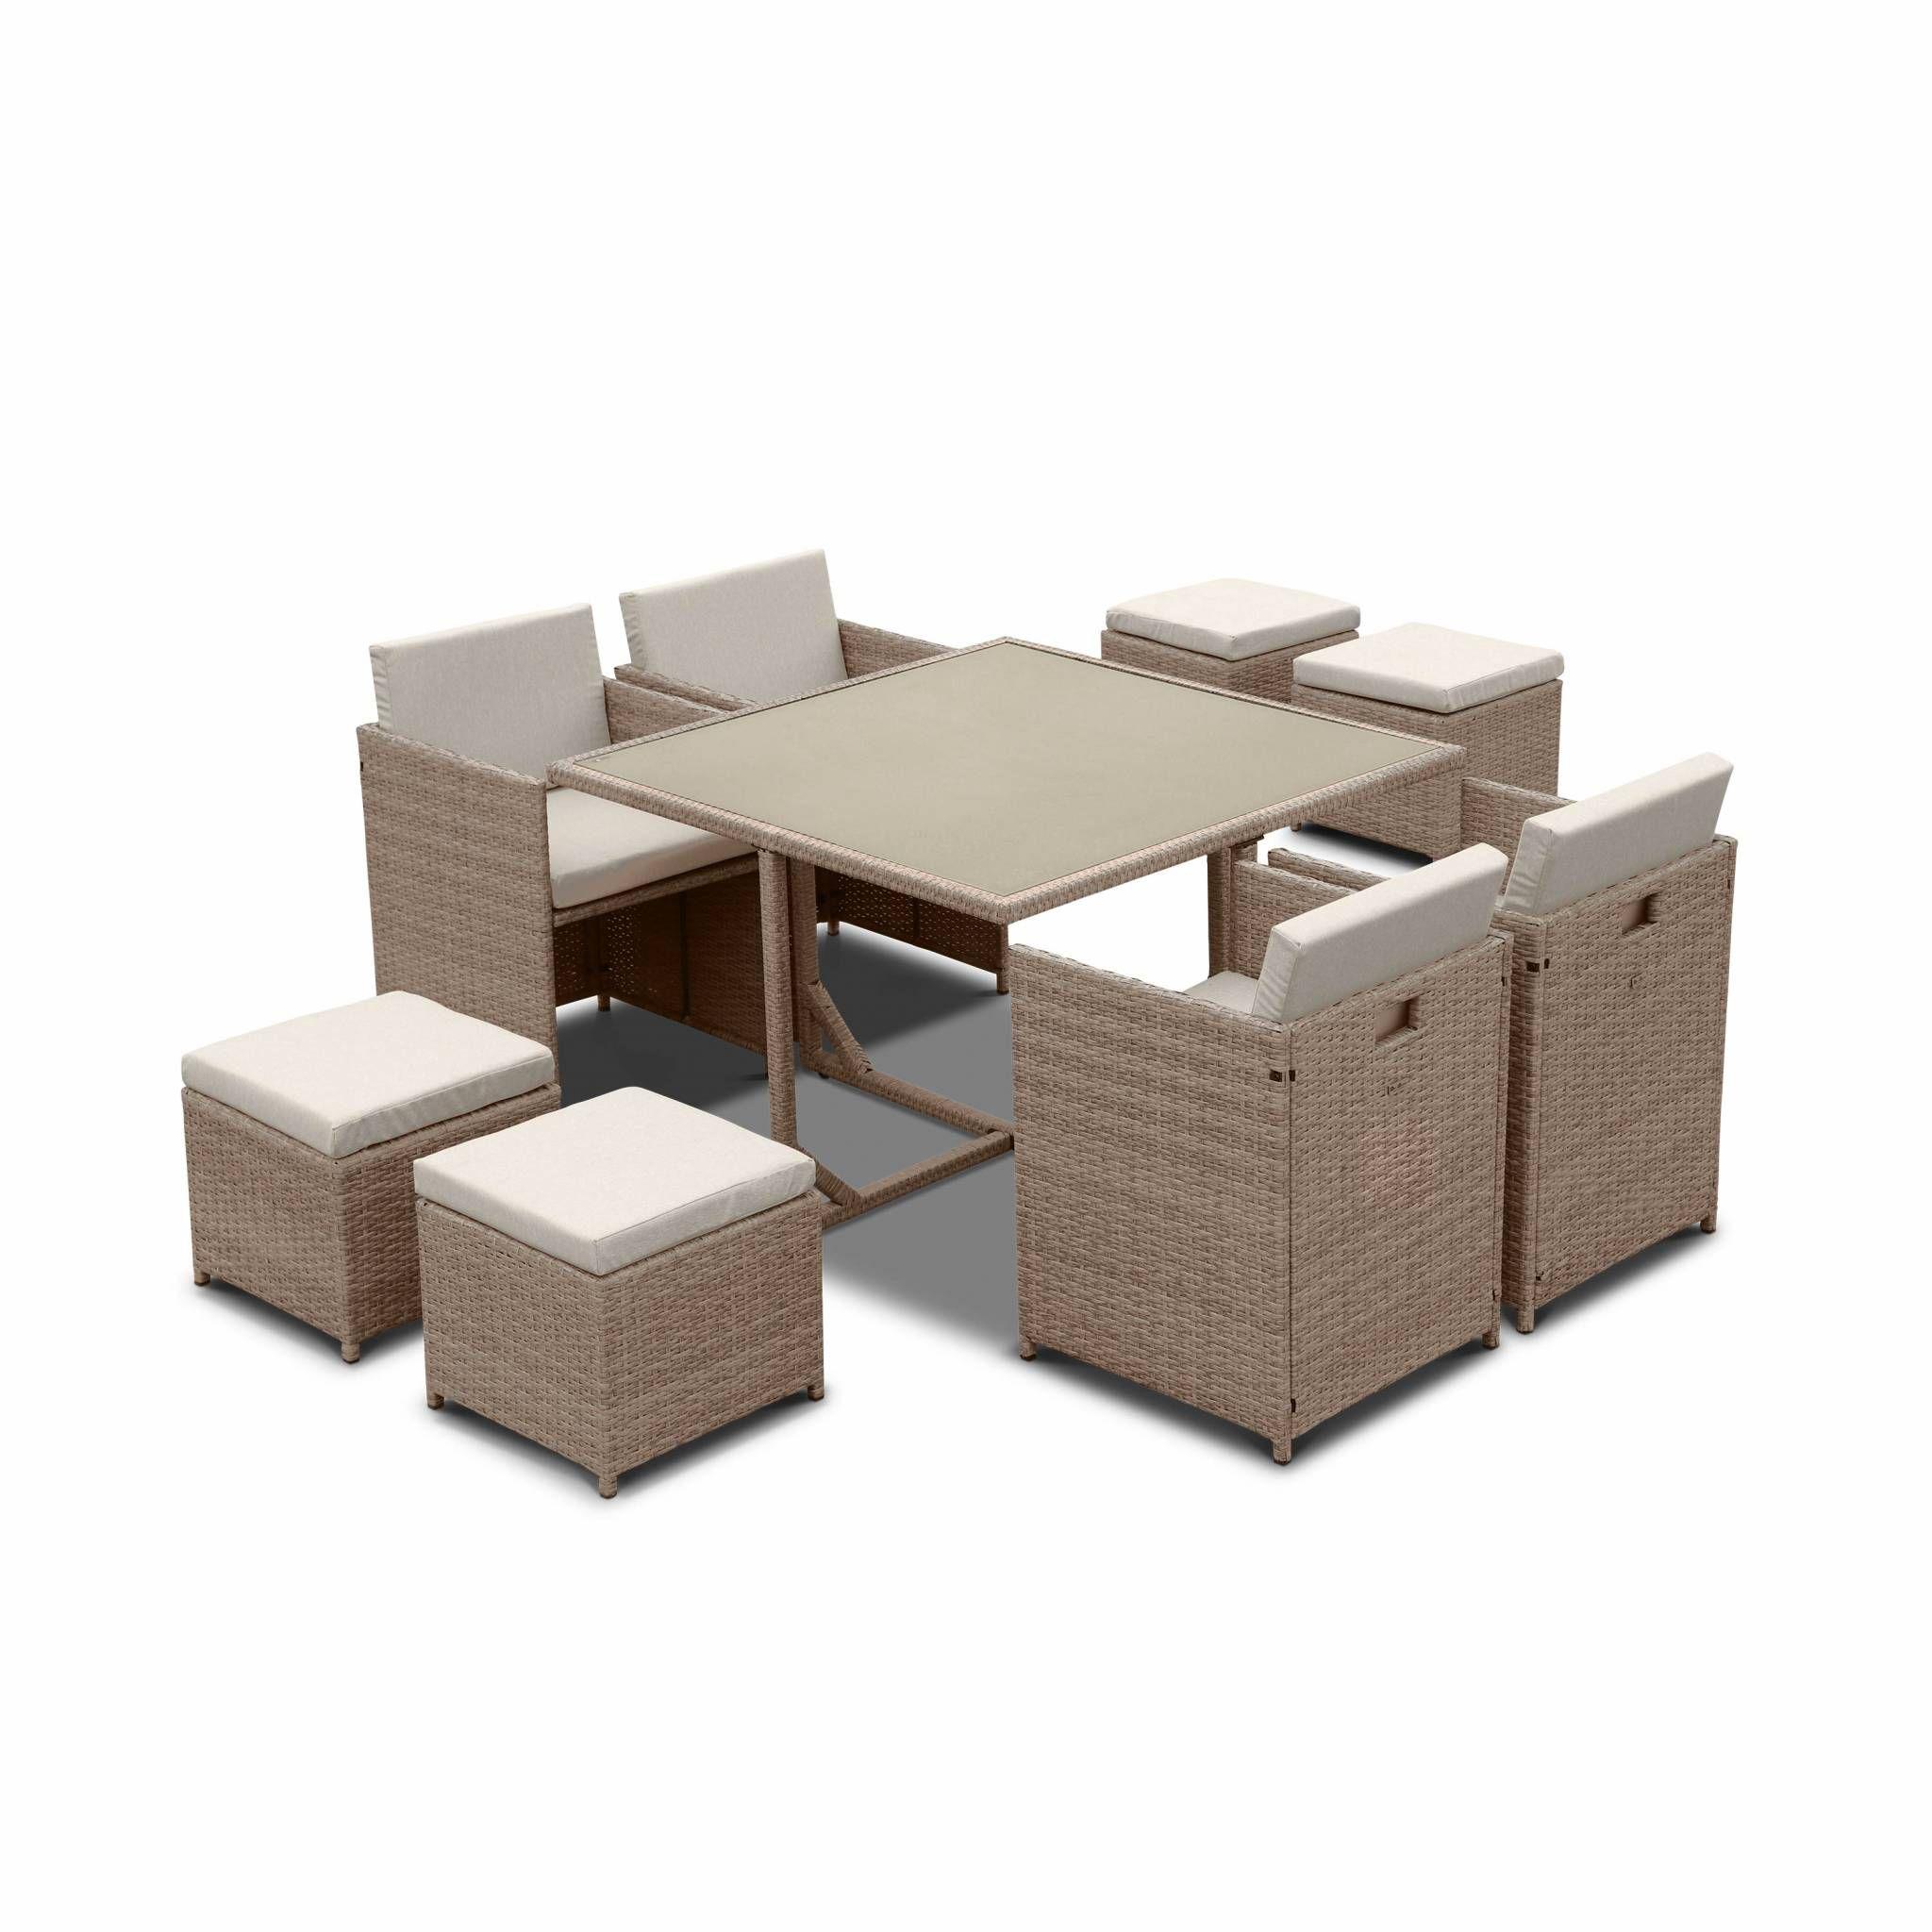 Salon de jardin 4-8 places – Vabo – Coloris beige, Coussins beige, table encastrable